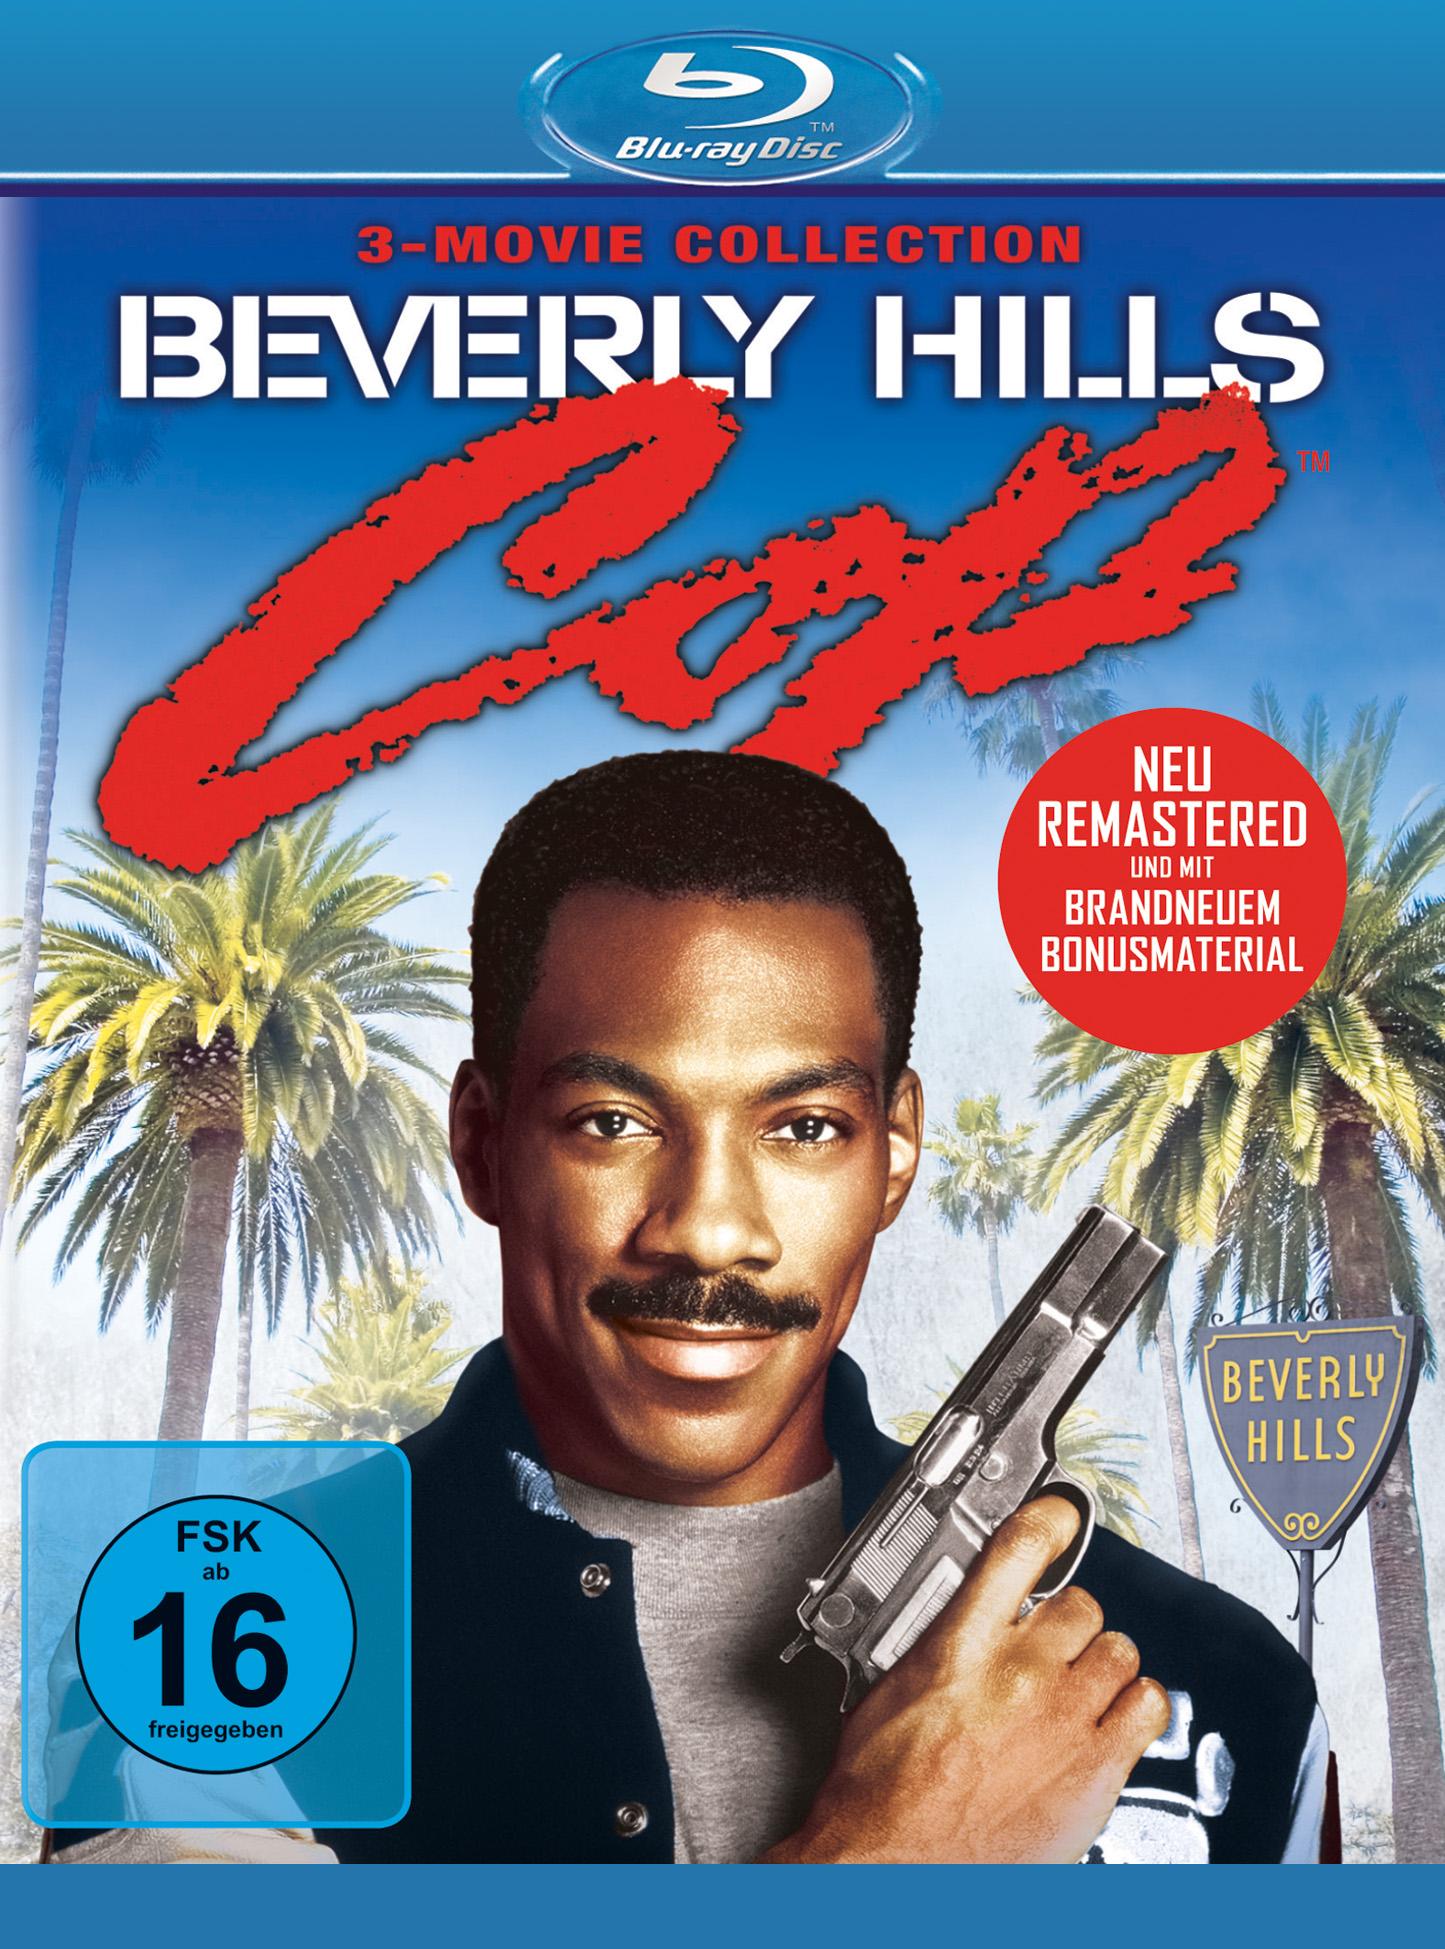 Auf dem Cover zur Remastered-Box der Beverly Hills Cop-Trilogie ist Eddie Murphy grinsend in Großaufnahme zu sehen, die Pistole an die Brust angelegt.